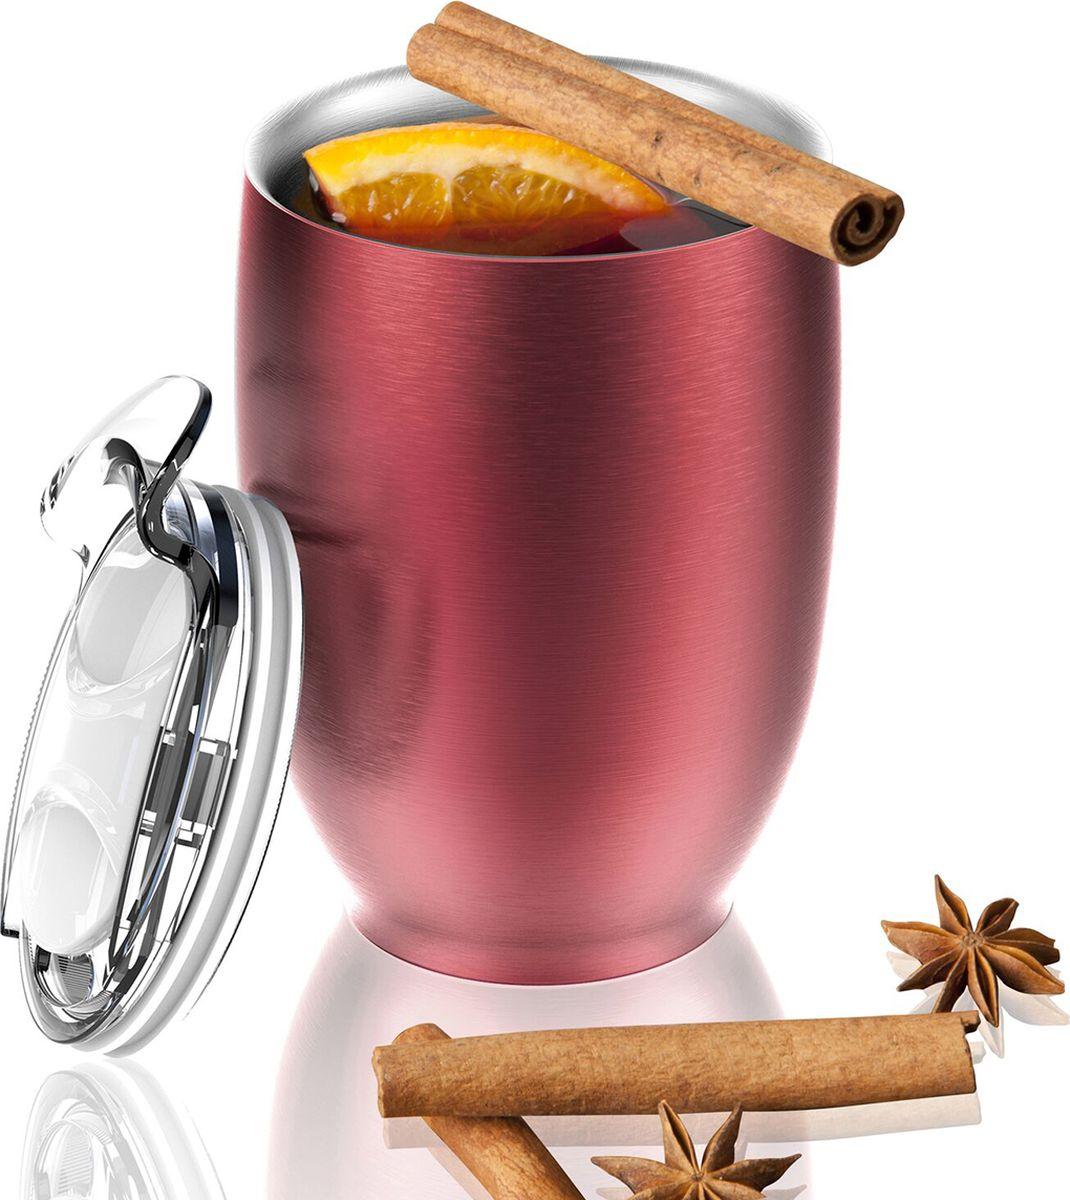 Термокружка Asobu Imperial Beverage, цвет: красный, 300 млVIC3 redТермокружка Asobu Imperial Beverage принадлежит к тому типу кружек, которые мы используем дома или на работе. Однако, Imperial beverage обладает рядом преимуществ, выделяющих ее среди прочих.Во-первых, Imperial beverage -это термокружка с двойными стенками и вакуумной изоляцией, которая будет дольше удерживать Ваш напиток горячим. Во-вторых, она изготовлена из 18/8 нержавеющей стали. Безвоздушное пространство между стенками не позволяет кружке нагреваться, и Вы можете пить горячий кофе, не дожидаясь, когда кружка остынет, она всегда остается холодной! В-третьих, крышка изготовлена из легкого и безопасного пластика, она разбирается на составные части, ее удобно мыть, как вручную, так и в посудомоечной машине. Также крышка имеет гибкую ребристую прокладку по краю, позволяющую лучше изолировать напиток. Да, и не обязательно полностью снимать крышку, чтобы попить: на крышке есть отверстие для быстрого доступа к напитку. И, наконец, у этой кружки такой привлекательный внешний вид!Материал: СтальВысота: 13 смДиаметр: 9 см